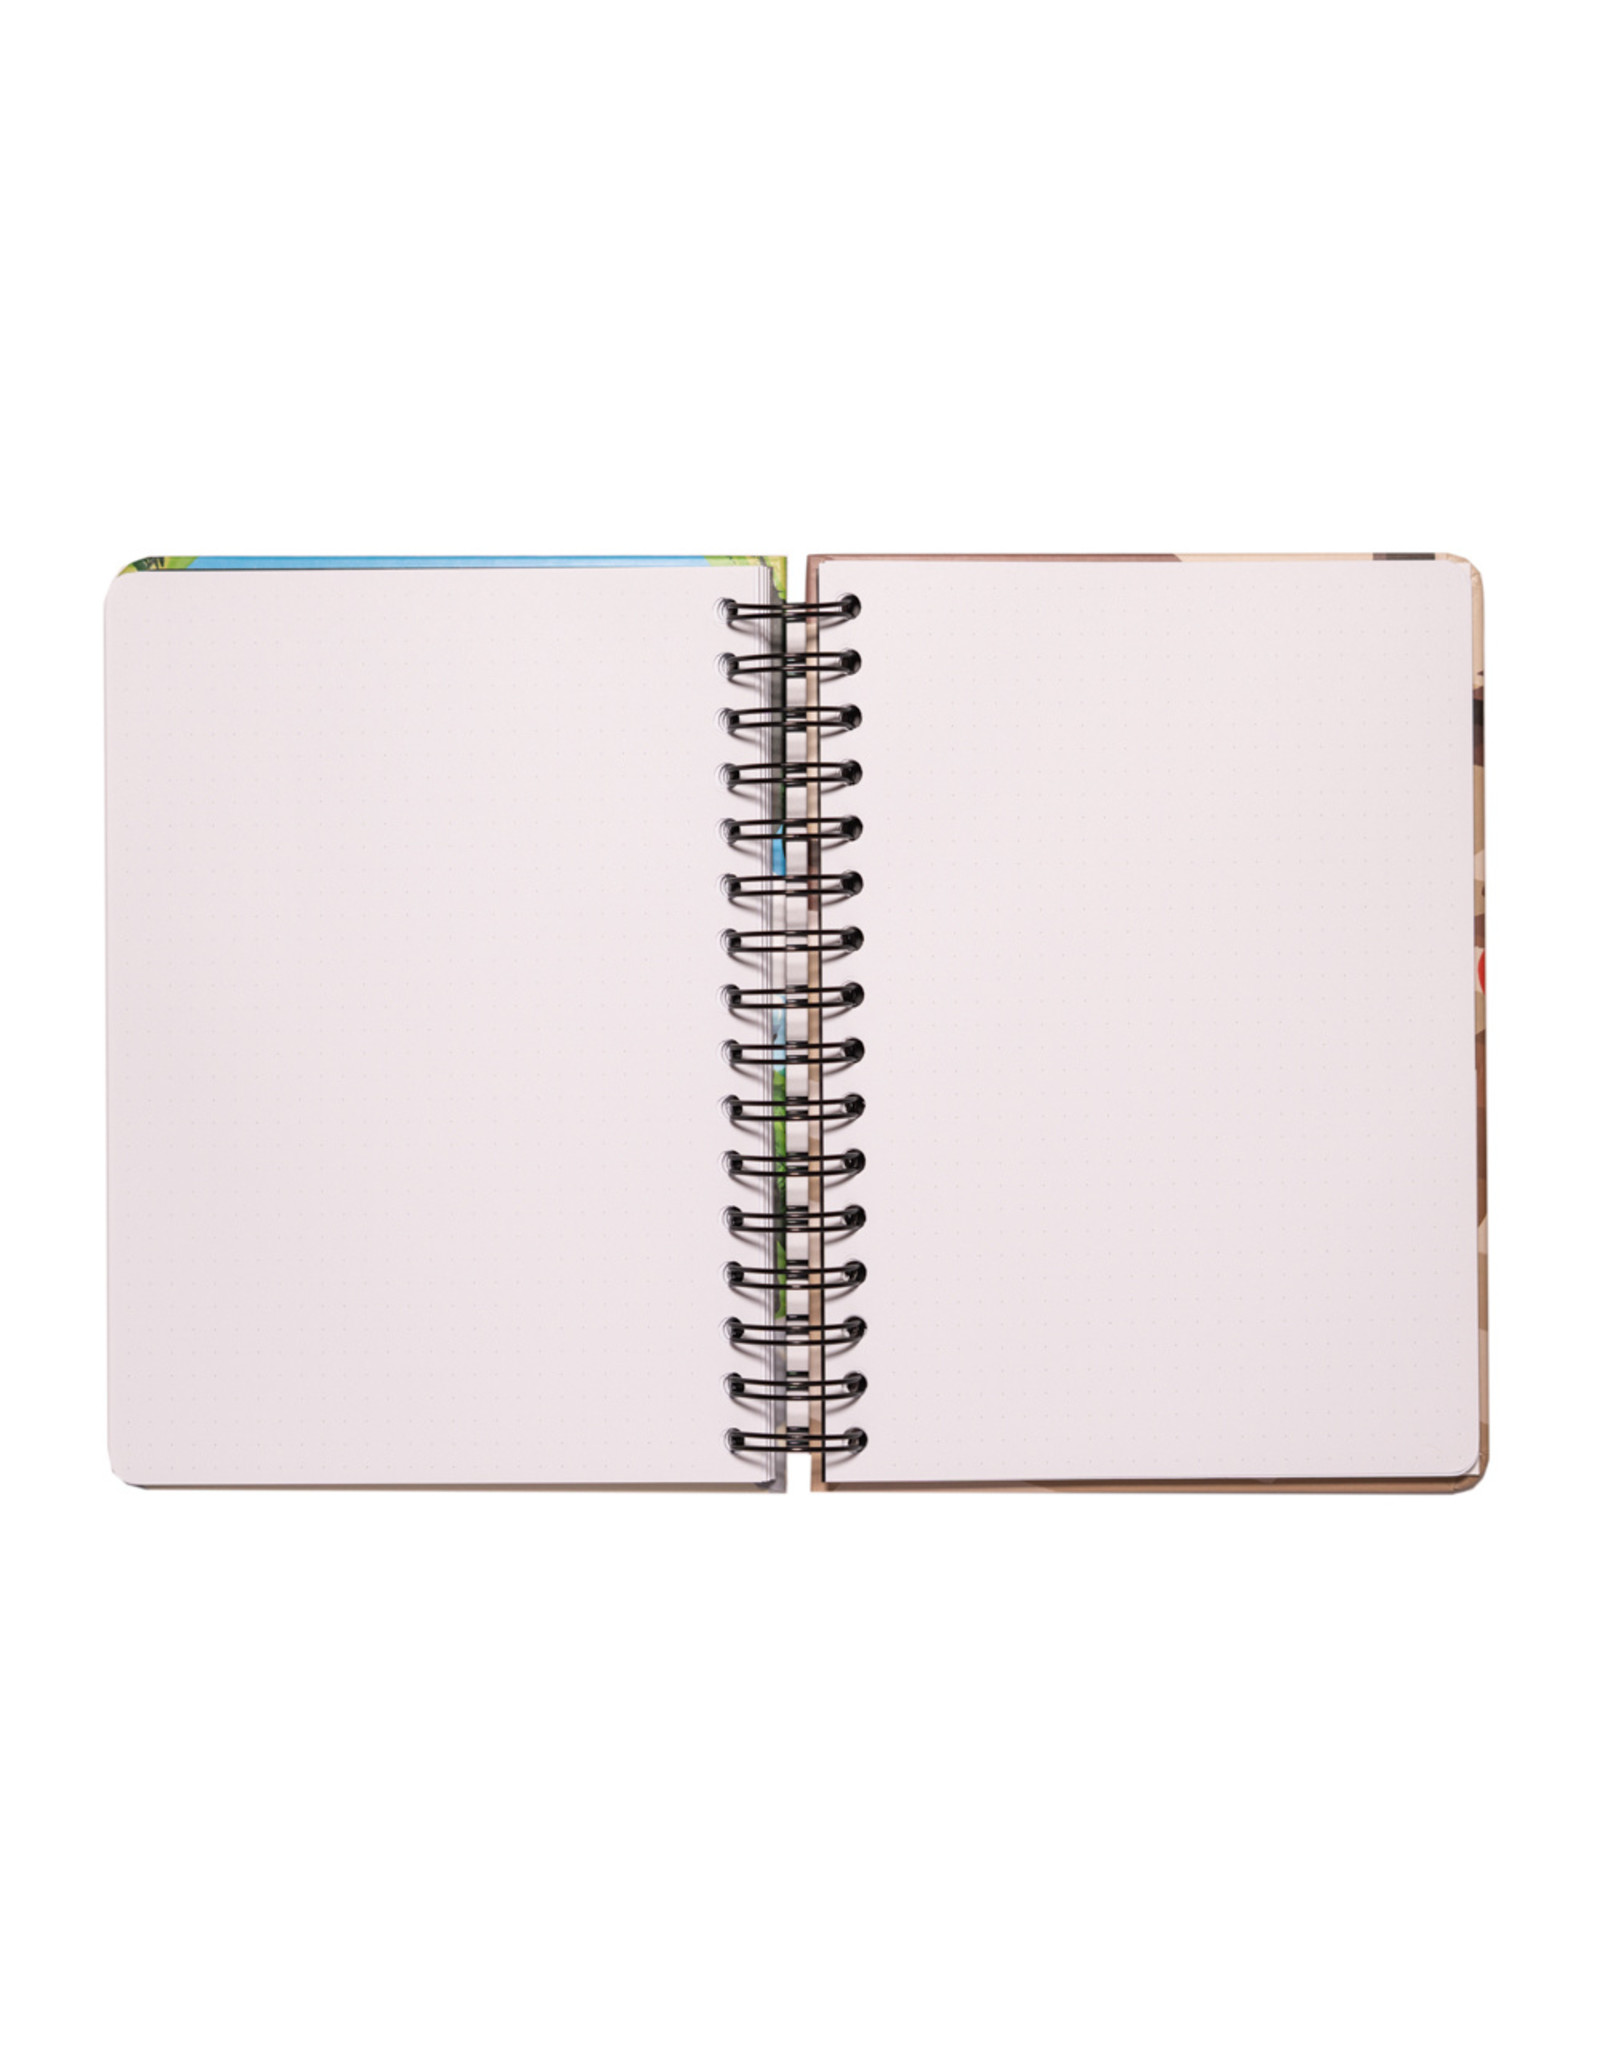 BT21 - notebook hard cover A5 (1)